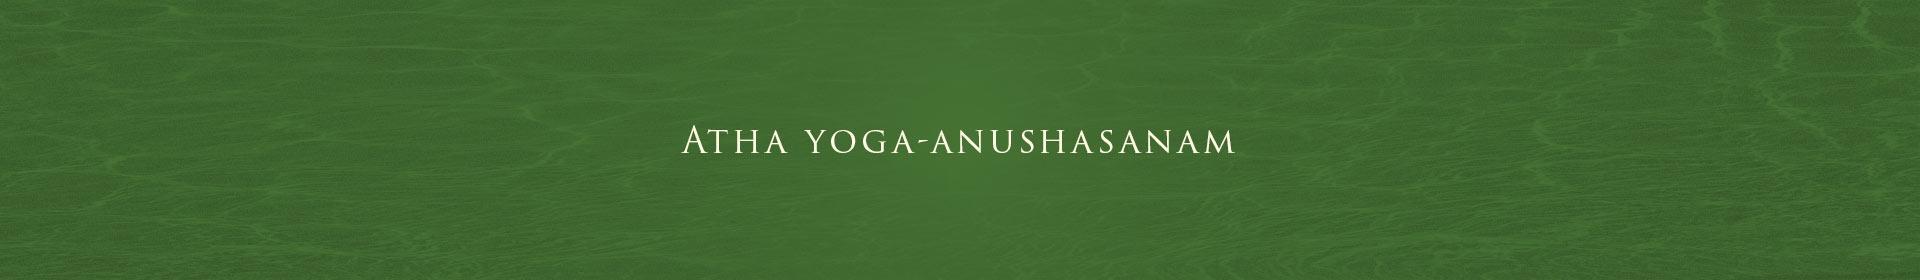 Atha yoga-anushasanam